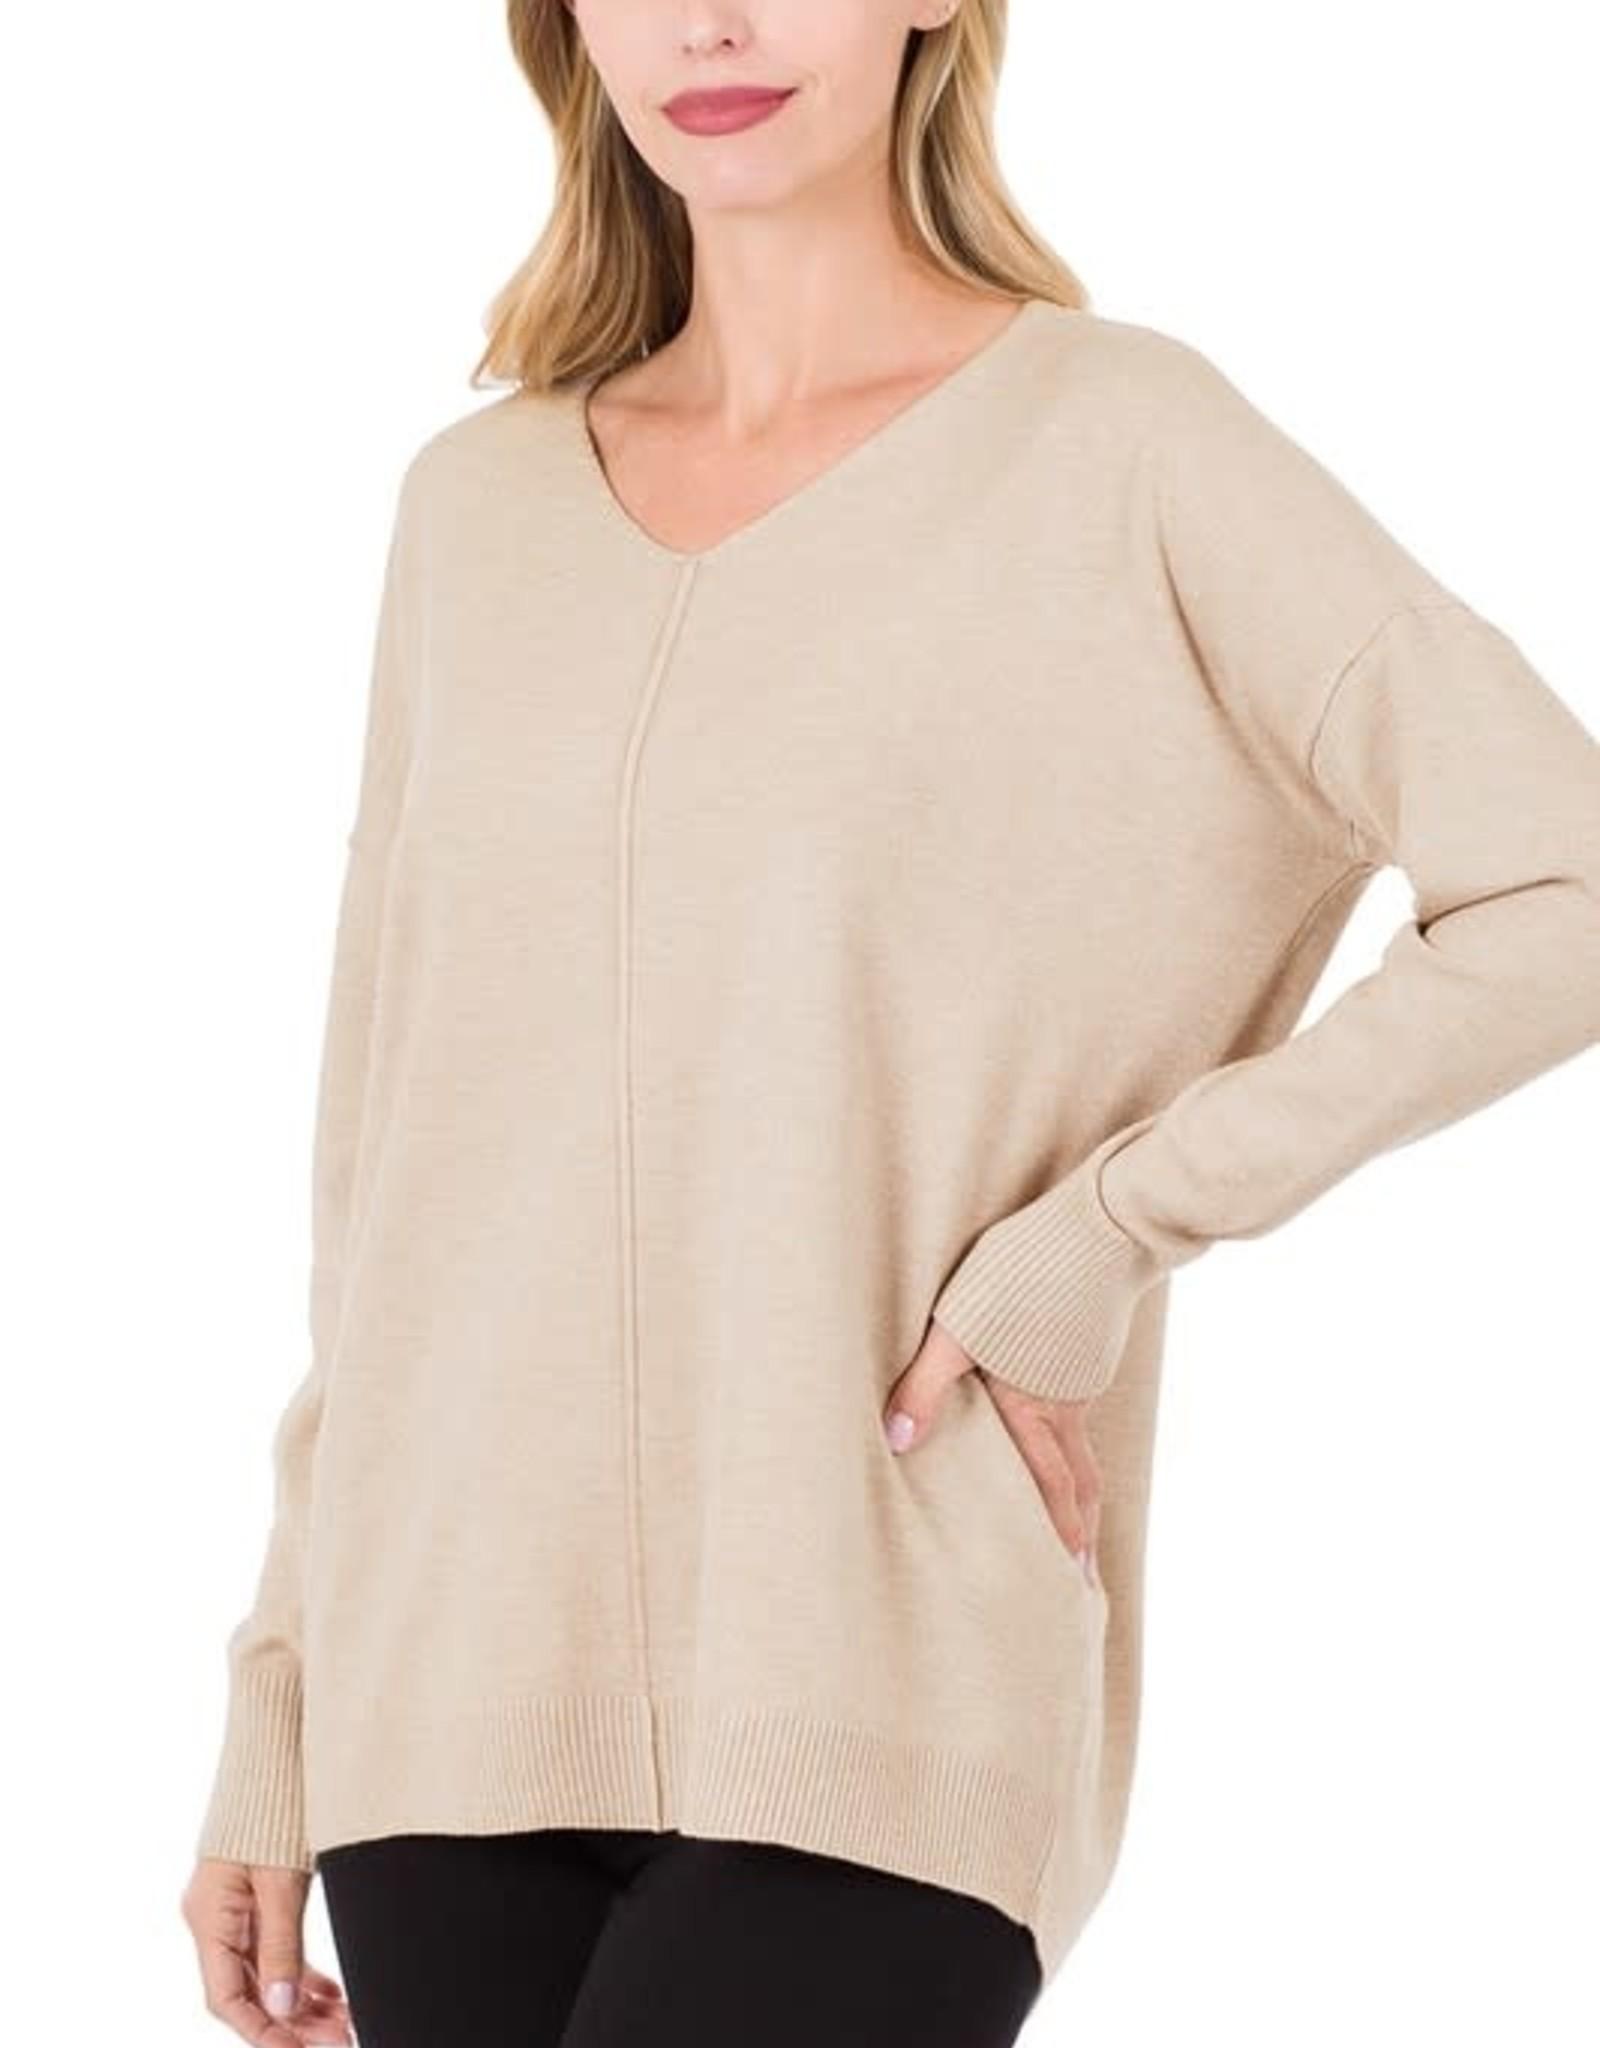 - Dark Beige V-Neck Sweater w/Center Seam